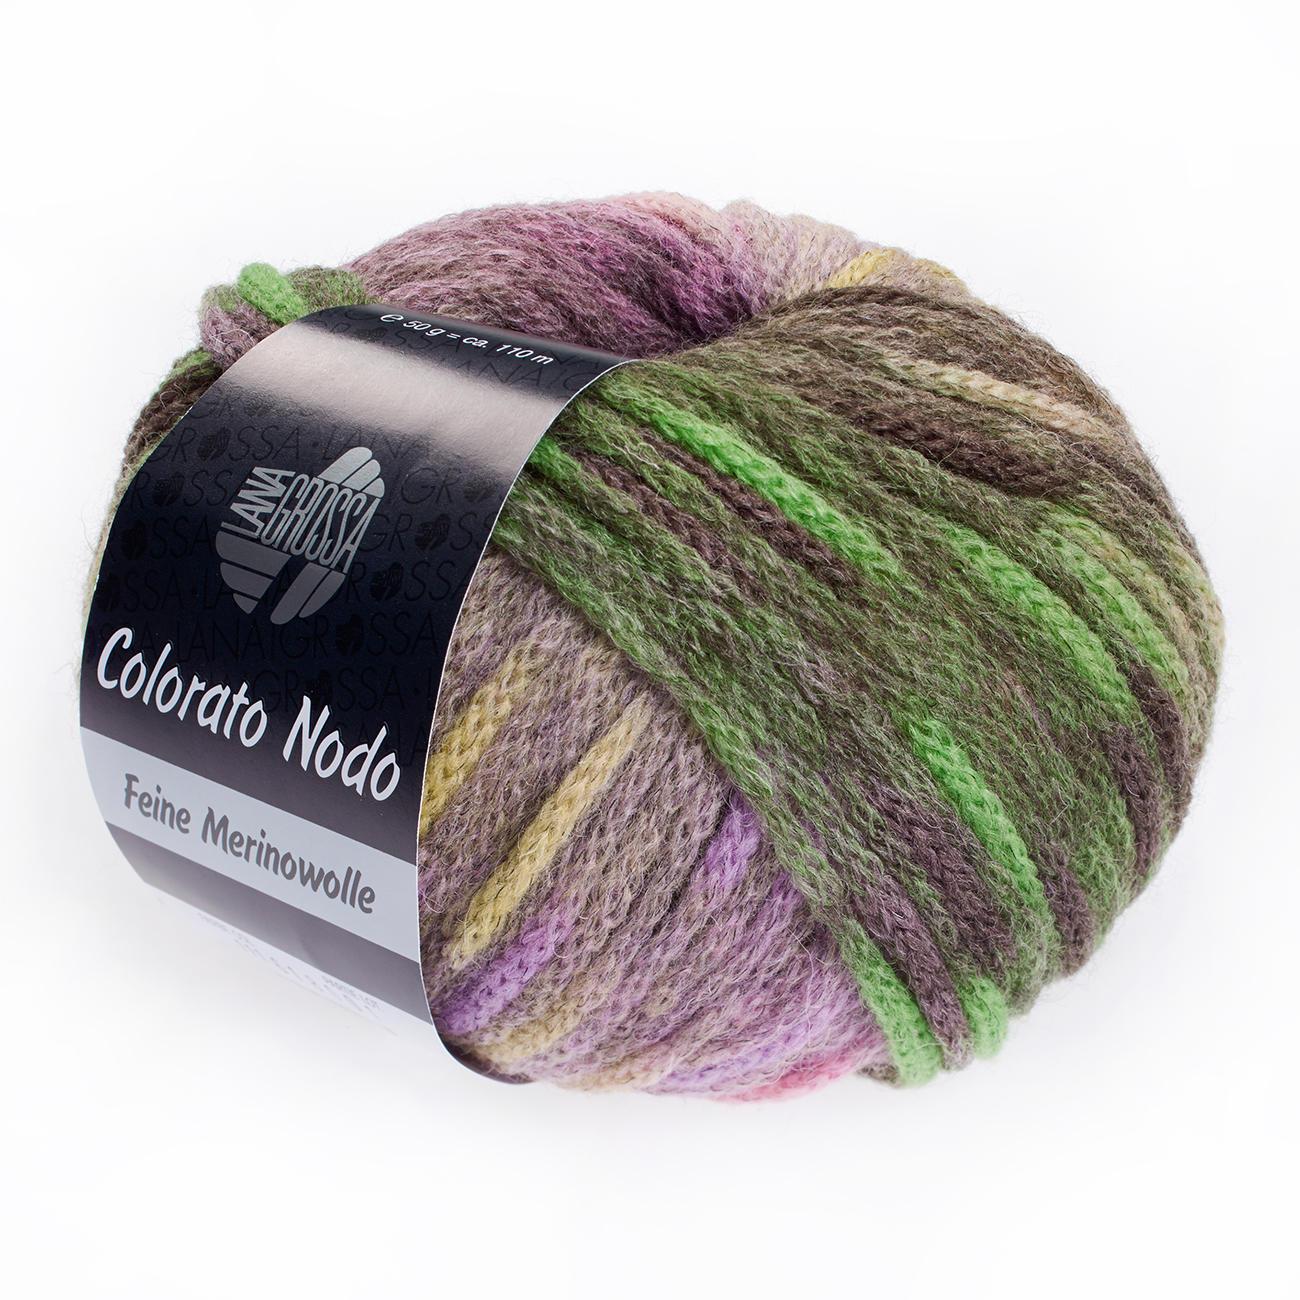 Colorato nodo von lana grossa, 13 versch. farben